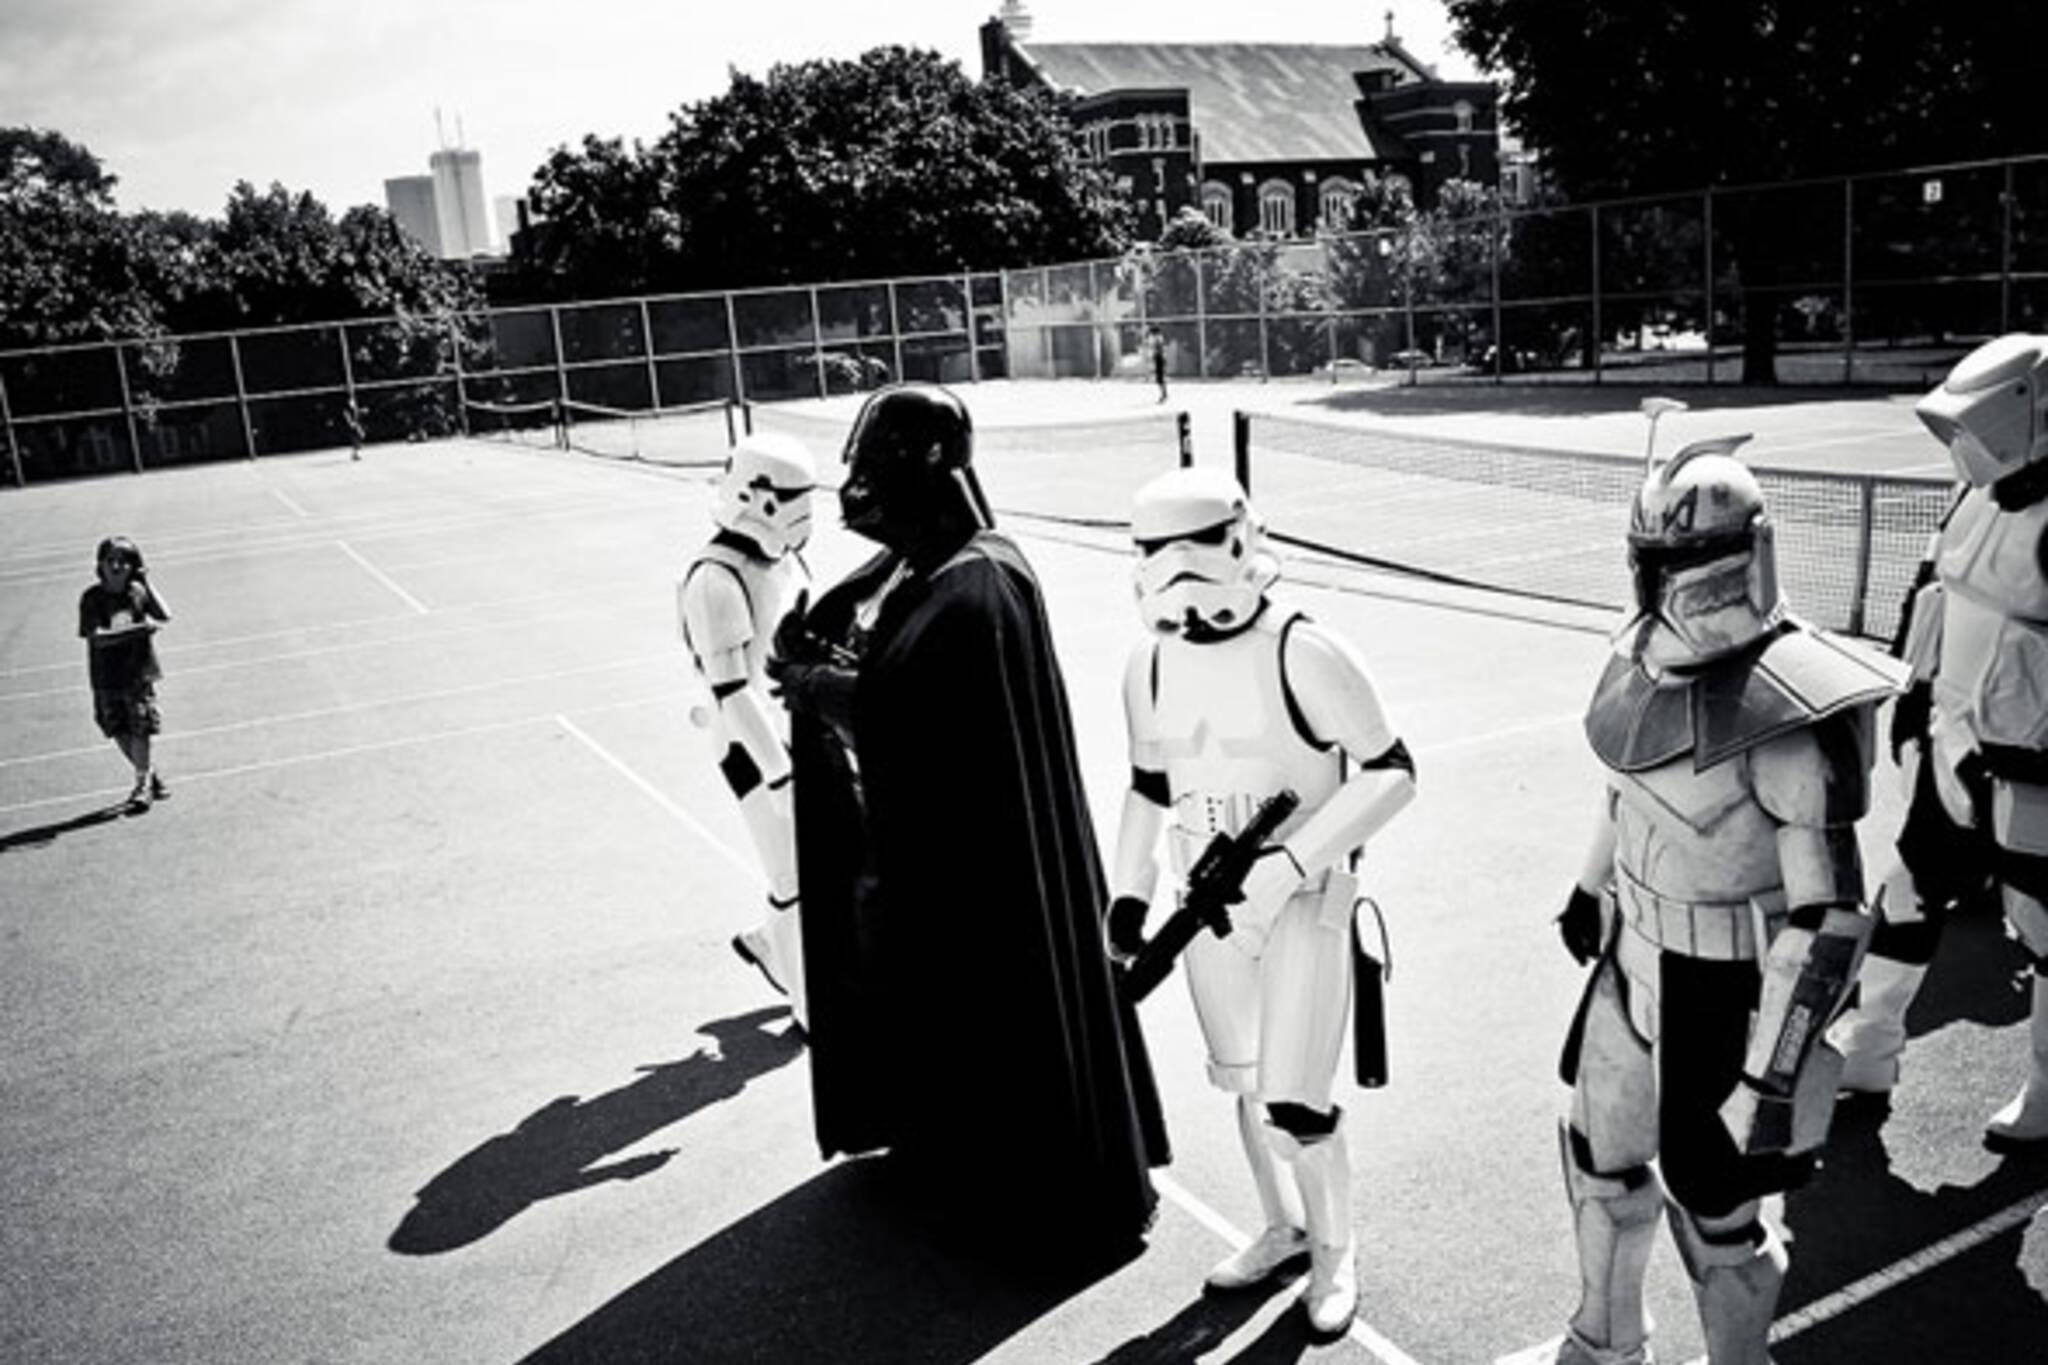 Darth Vader Toronto